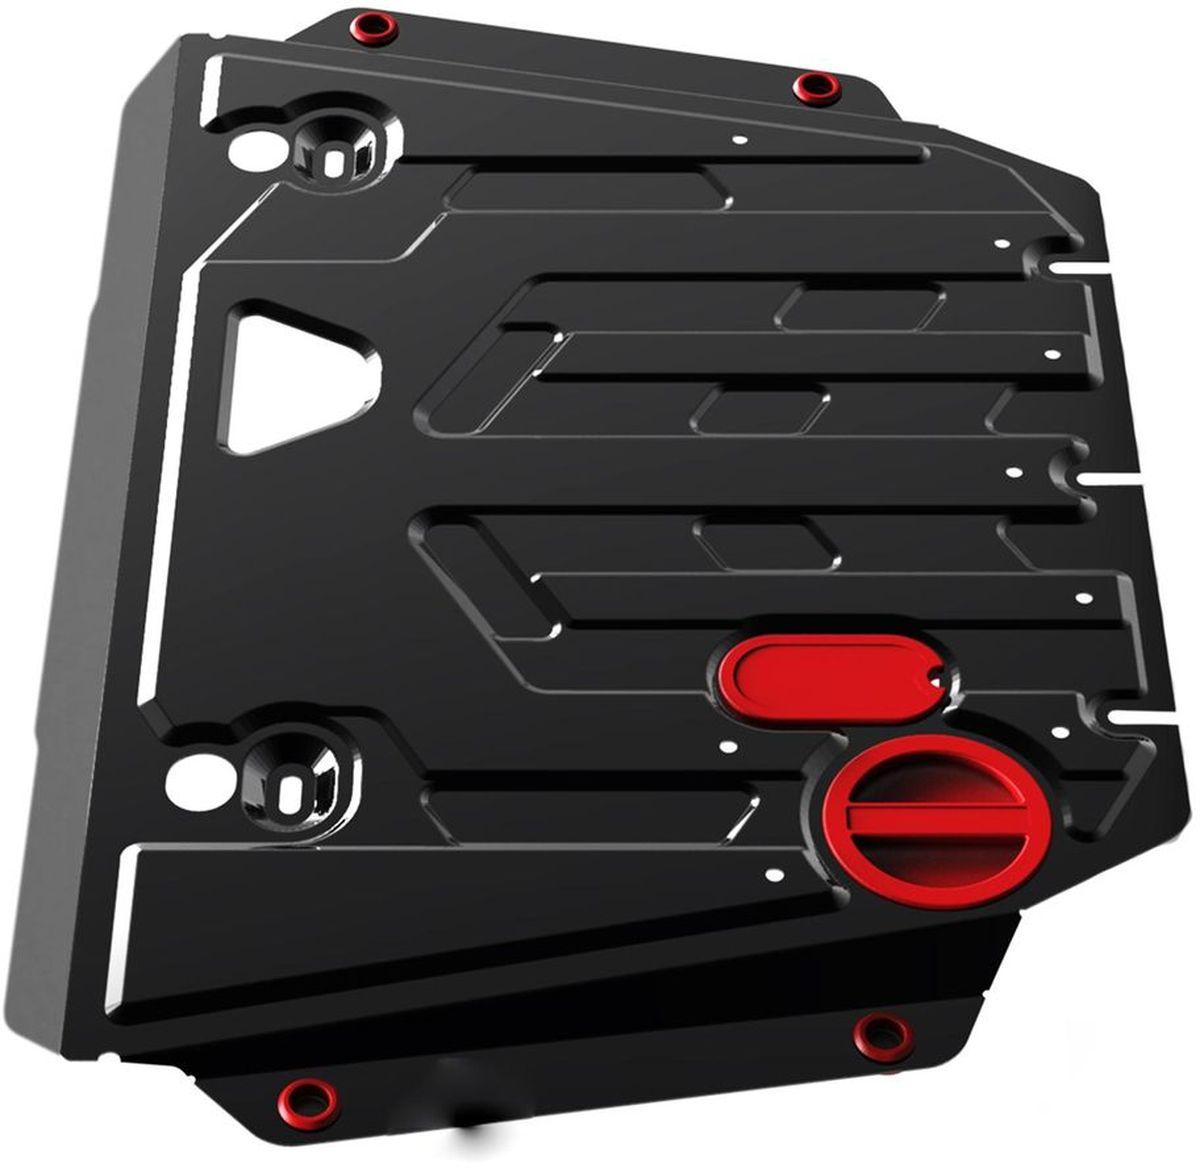 Защита картера Автоброня Isuzu D-Max 2012-, сталь 2 мм111.09102.1Защита картера Автоброня Isuzu D-Max, V-2,5TD 2012-, сталь 2 мм, комплект крепежа, 111.09102.1Стальные защиты Автоброня надежно защищают ваш автомобиль от повреждений при наезде на бордюры, выступающие канализационные люки, кромки поврежденного асфальта или при ремонте дорог, не говоря уже о загородных дорогах.- Имеют оптимальное соотношение цена-качество.- Спроектированы с учетом особенностей автомобиля, что делает установку удобной.- Защита устанавливается в штатные места кузова автомобиля.- Является надежной защитой для важных элементов на протяжении долгих лет.- Глубокий штамп дополнительно усиливает конструкцию защиты.- Подштамповка в местах крепления защищает крепеж от срезания.- Технологические отверстия там, где они необходимы для смены масла и слива воды, оборудованные заглушками, закрепленными на защите.Толщина стали 2 мм.В комплекте крепеж и инструкция по установке.Уважаемые клиенты!Обращаем ваше внимание на тот факт, что защита имеет форму, соответствующую модели данного автомобиля. Наличие глубокого штампа и лючков для смены фильтров/масла предусмотрено не на всех защитах. Фото служит для визуального восприятия товара.